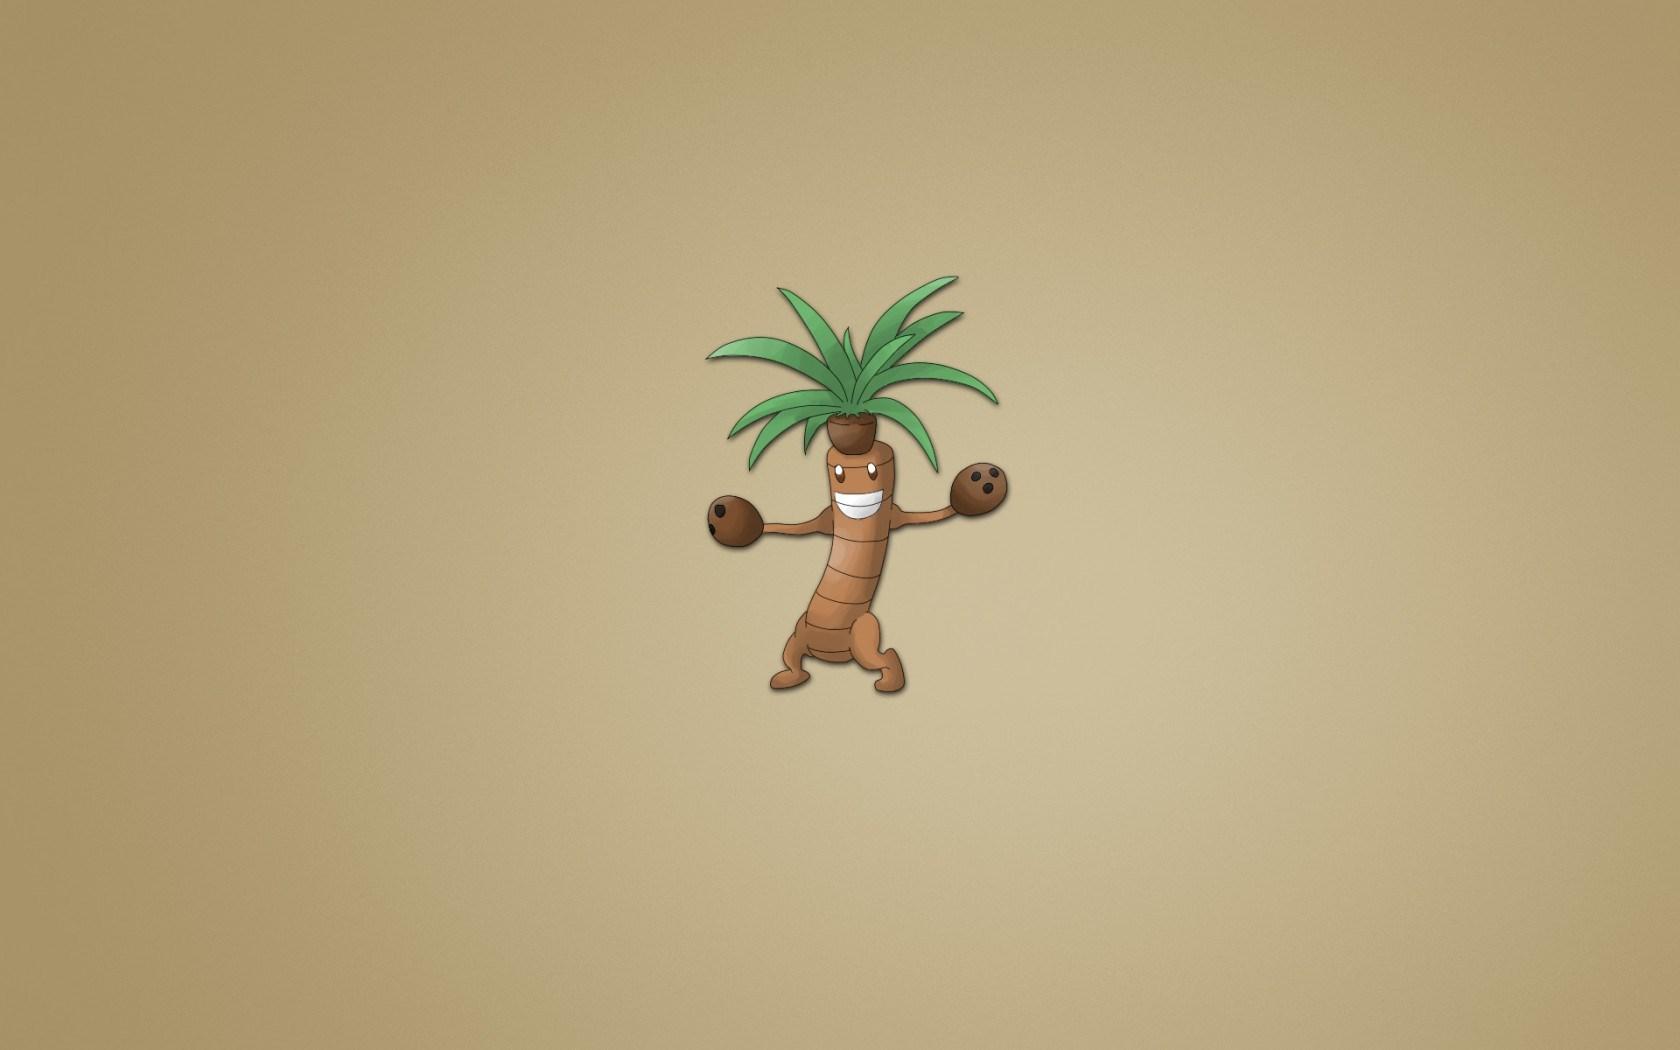 Coconut Tree Smile Minimalism Art